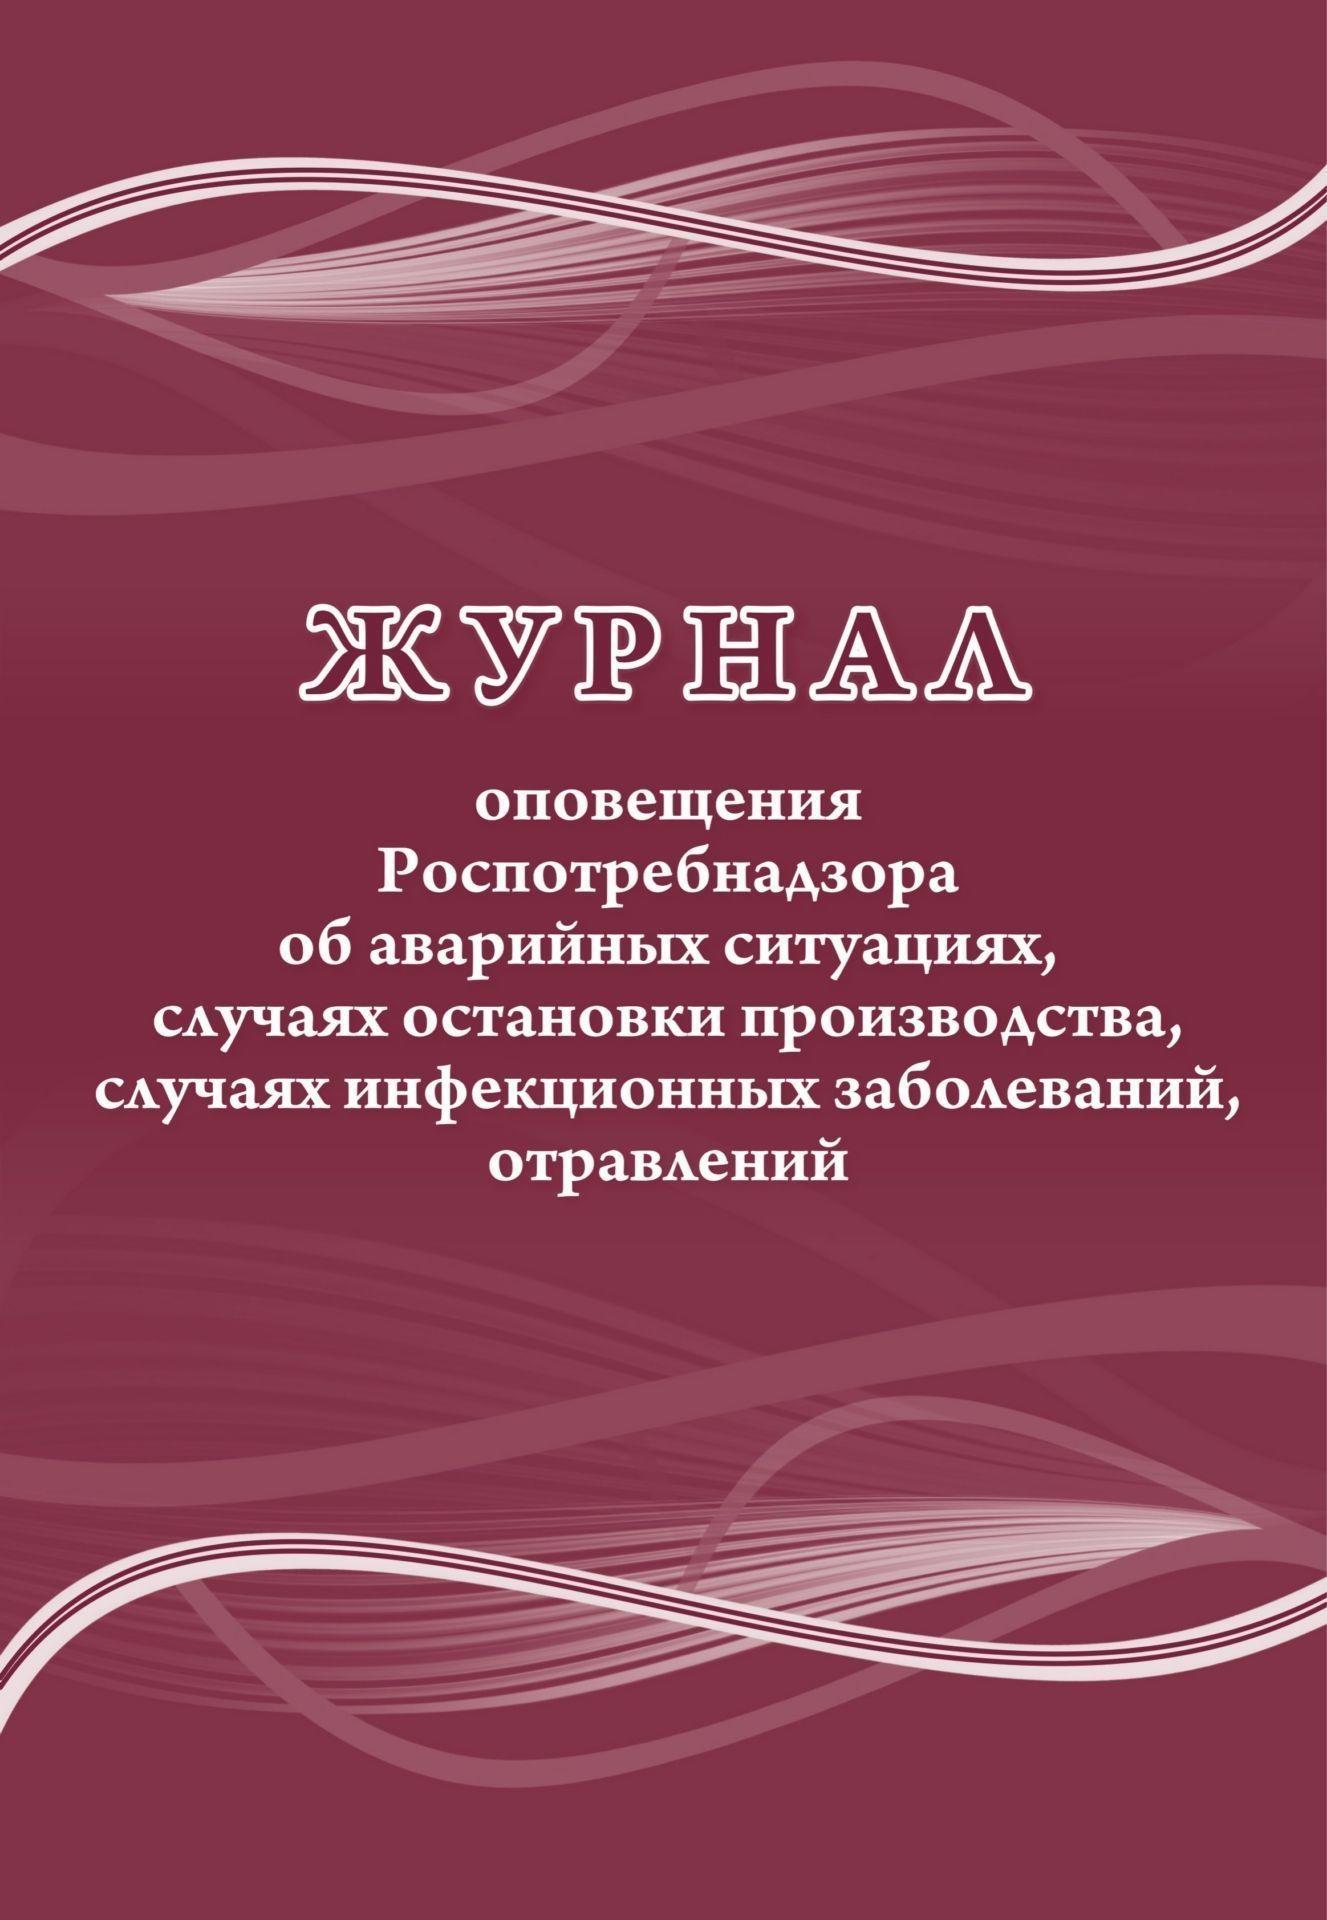 Журнал оповещения Роспотребнадзора об аварийных ситуациях, случаях остановки производства, случаях инфекционных заболеваний, отравлений